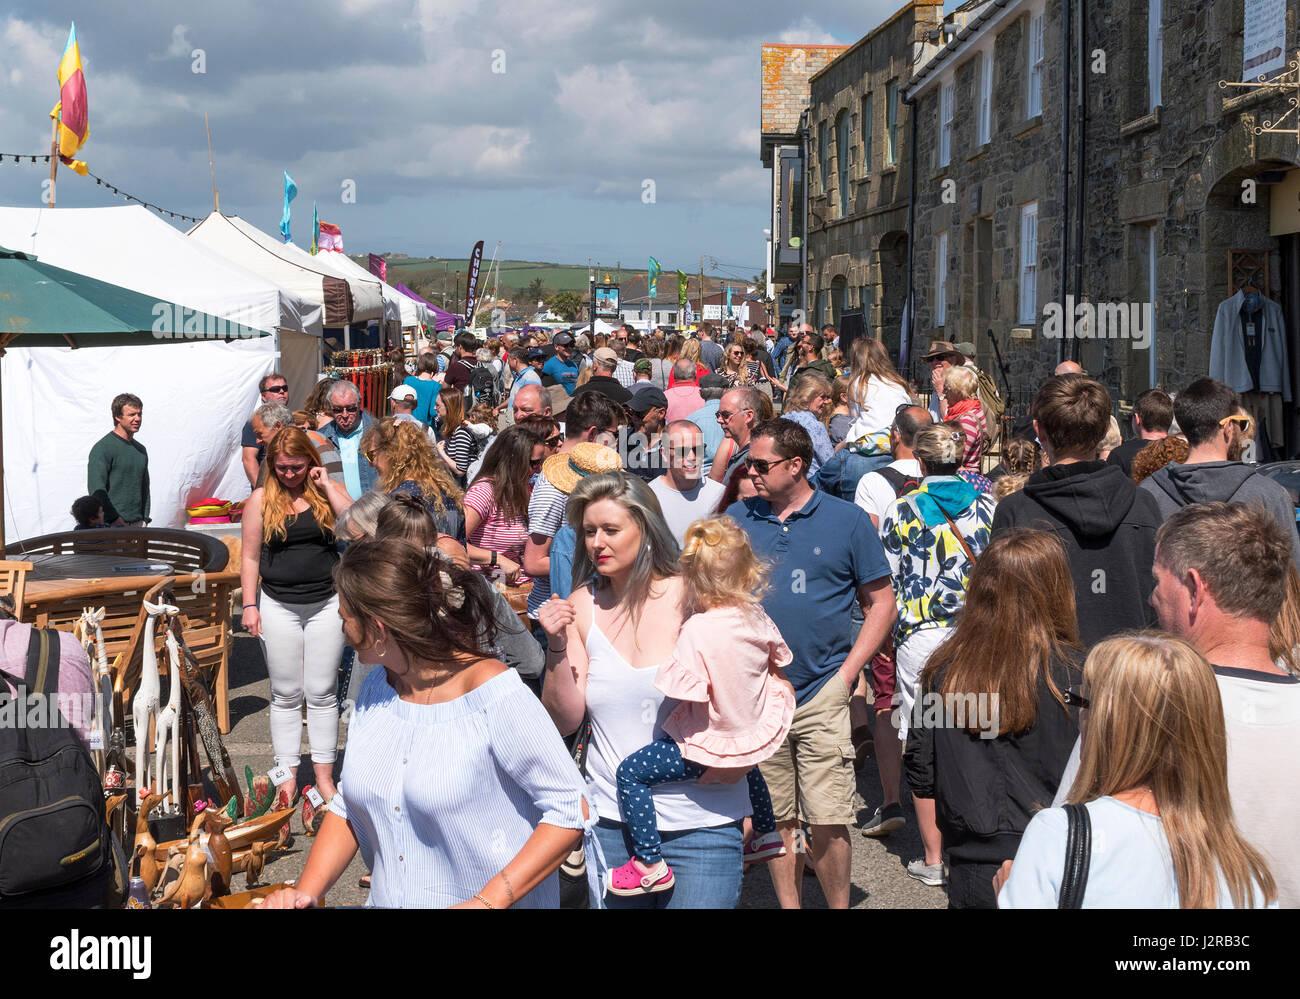 Multitudes de personas que visitan el festival de comida y música Porthleven, Cornualles, en el Reino Unido. Imagen De Stock